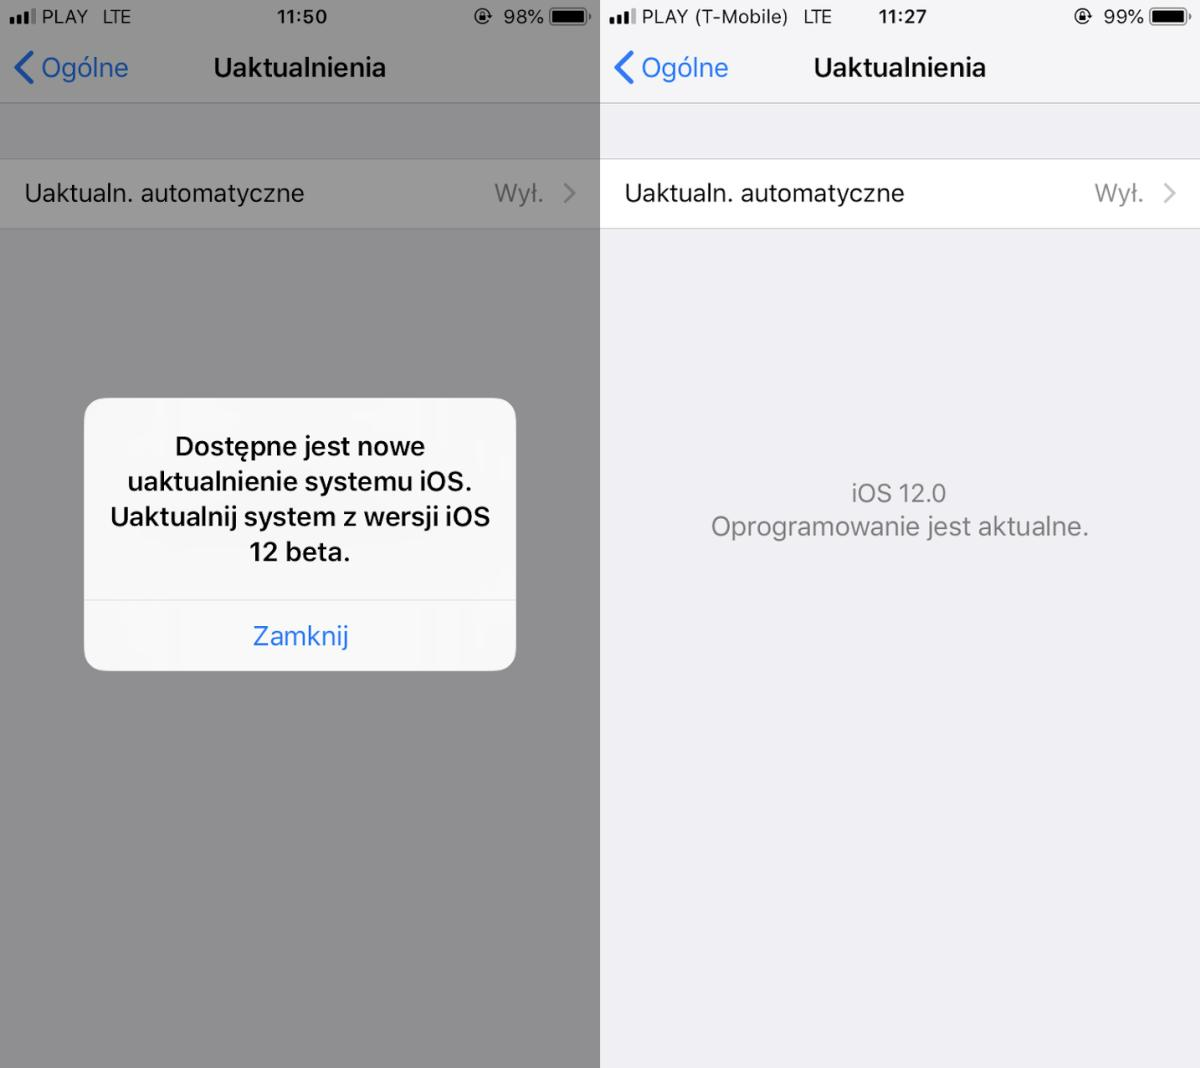 iOS 12 beta uaktualnienie systemu